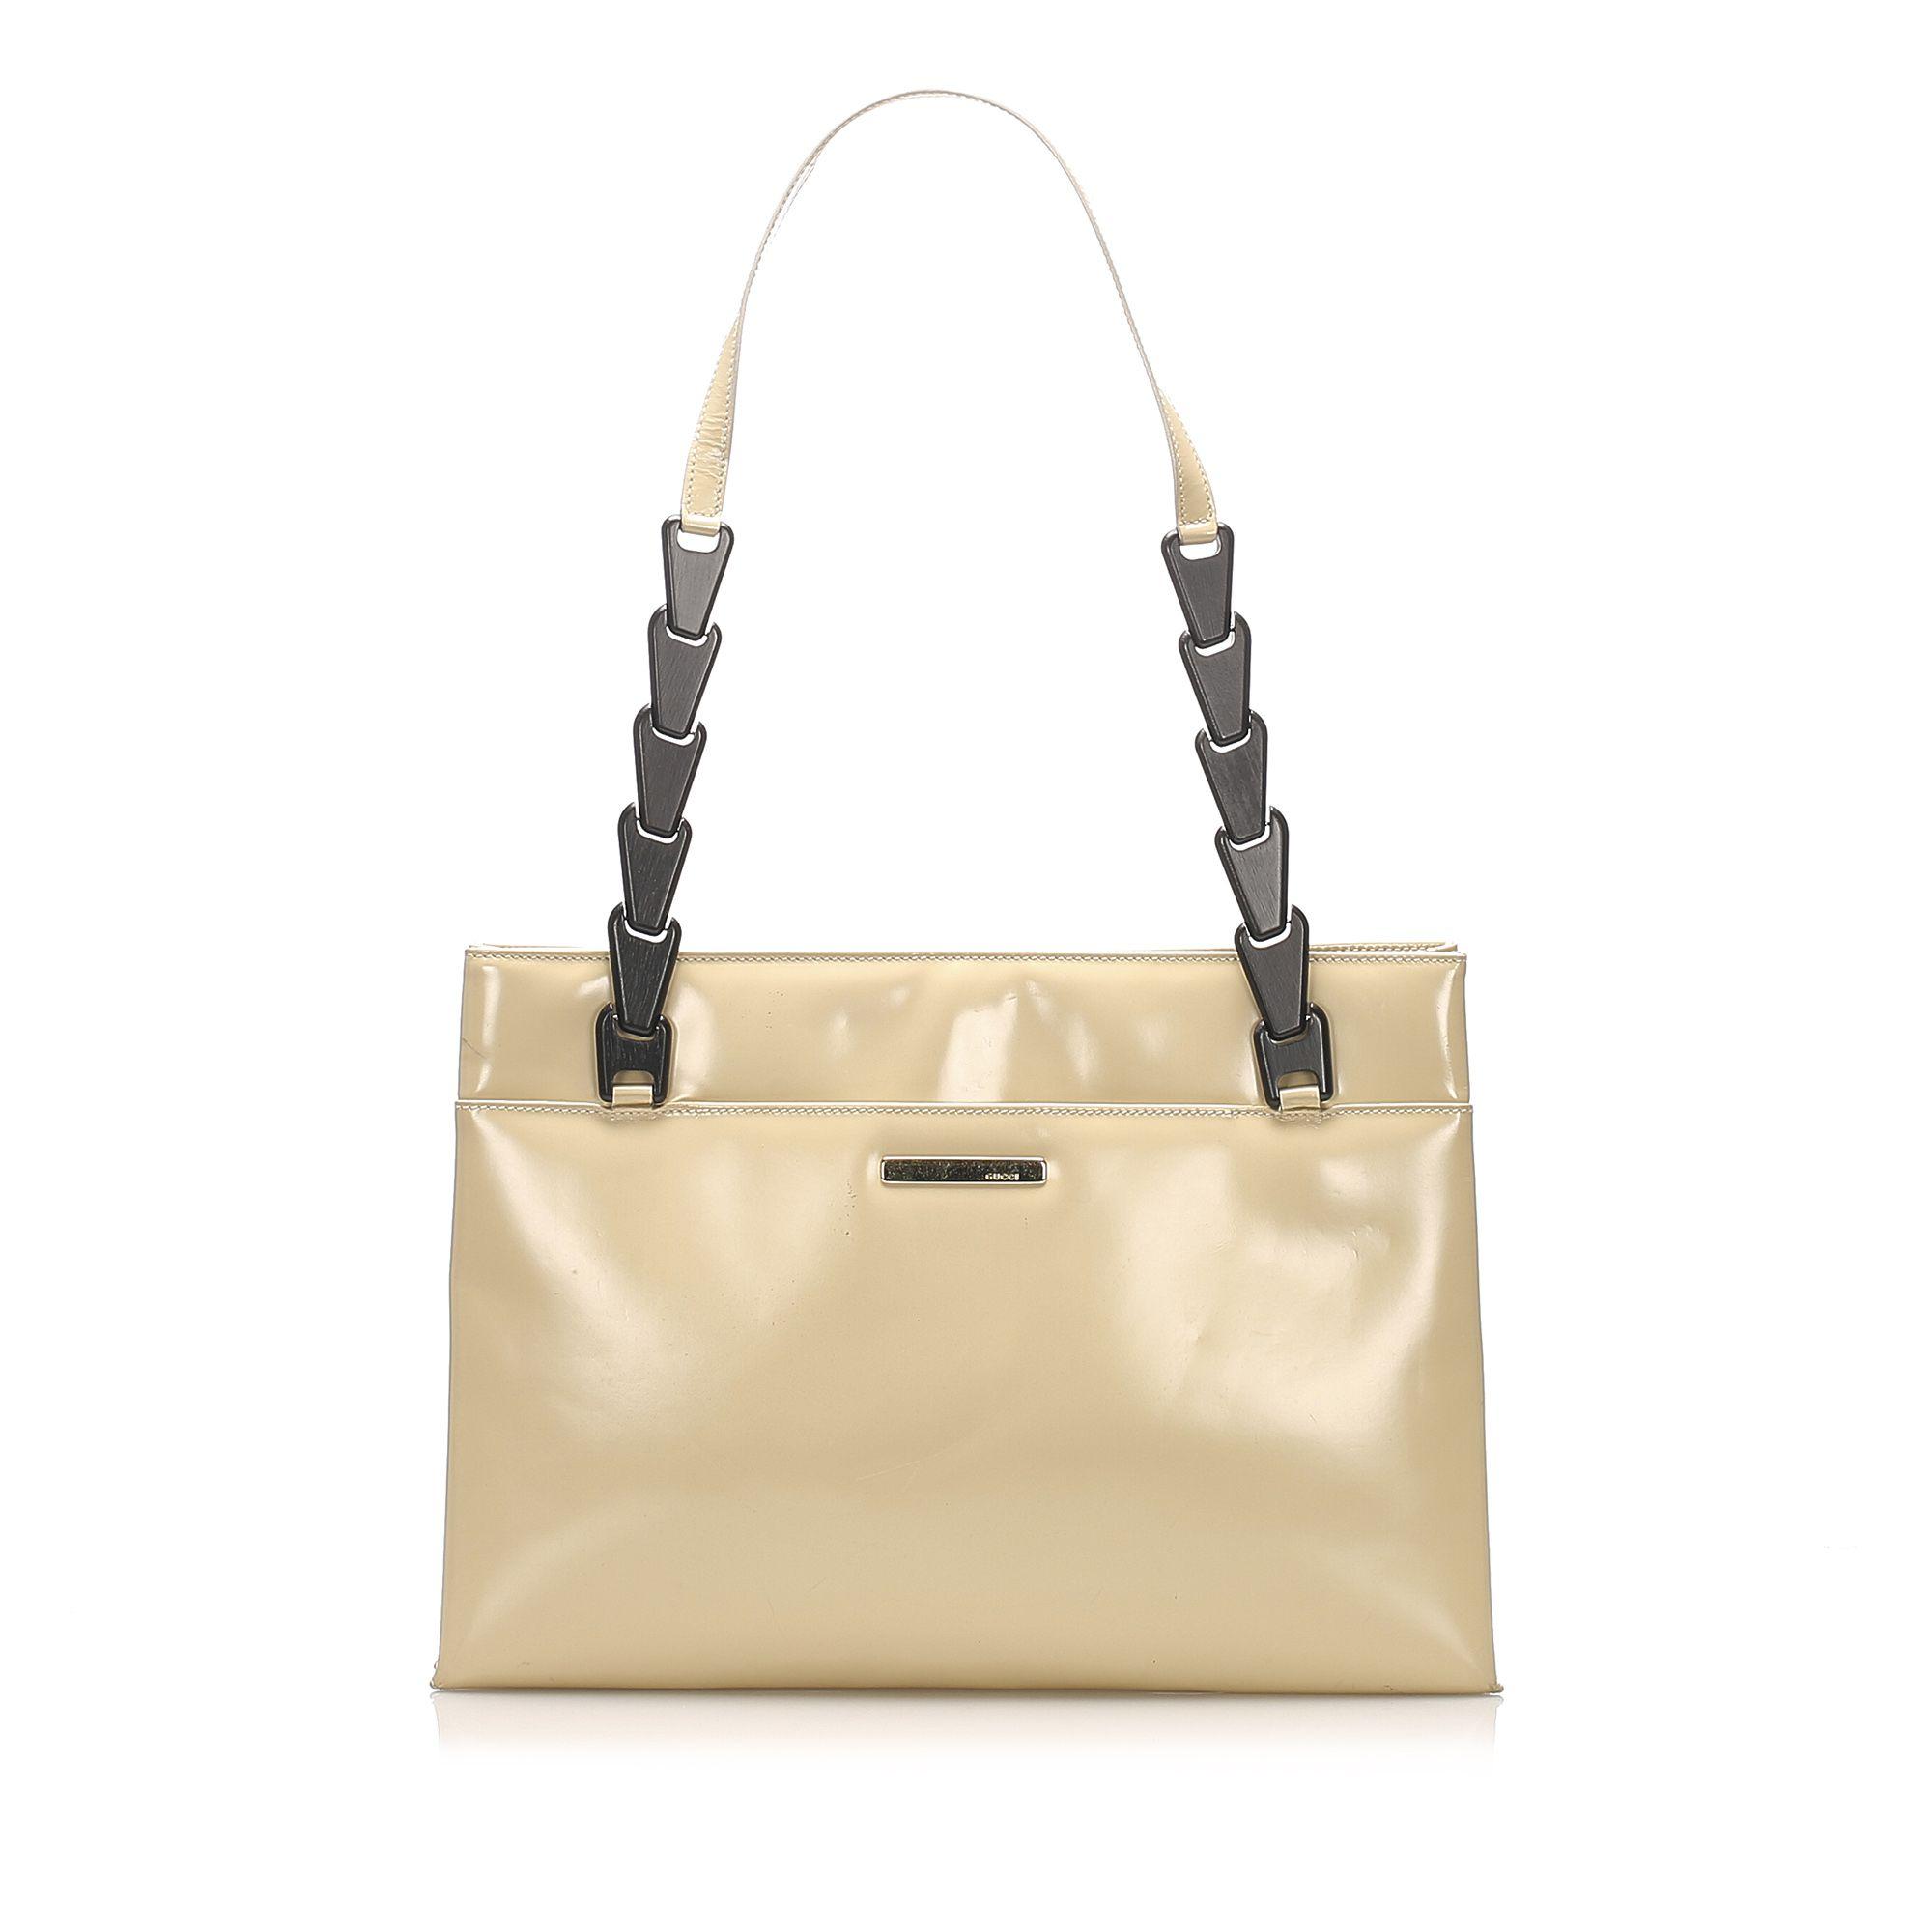 Vintage Gucci Leather Shoulder Bag Brown